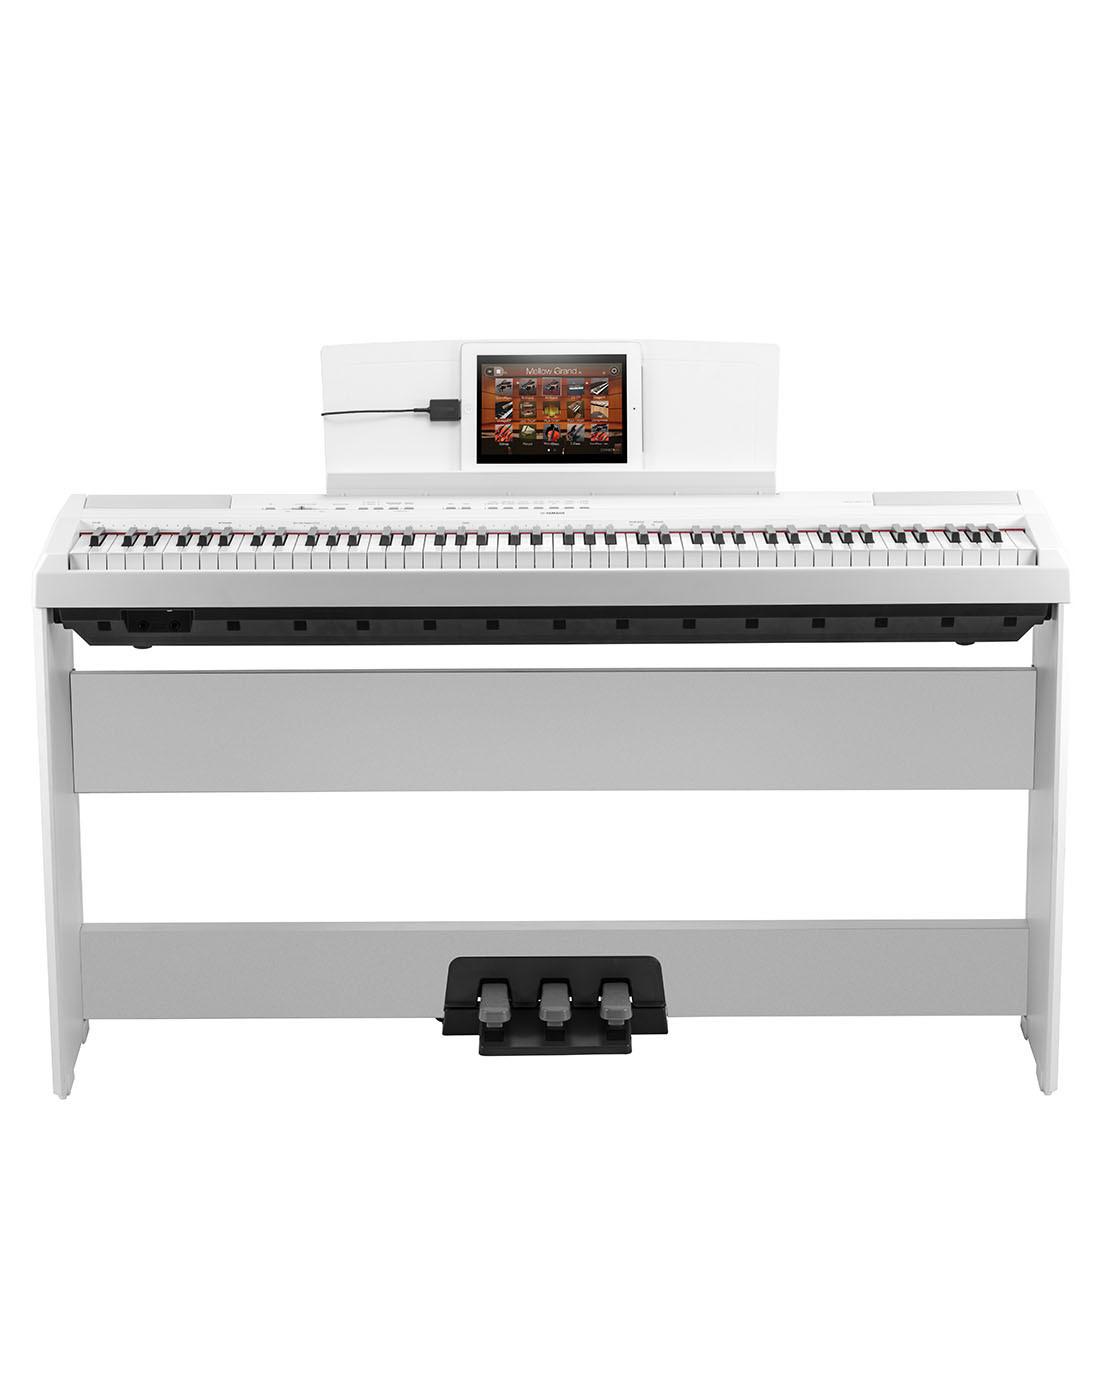 雅马哈电钢琴p115白色88键重锤便携式全国联保全套包装图片